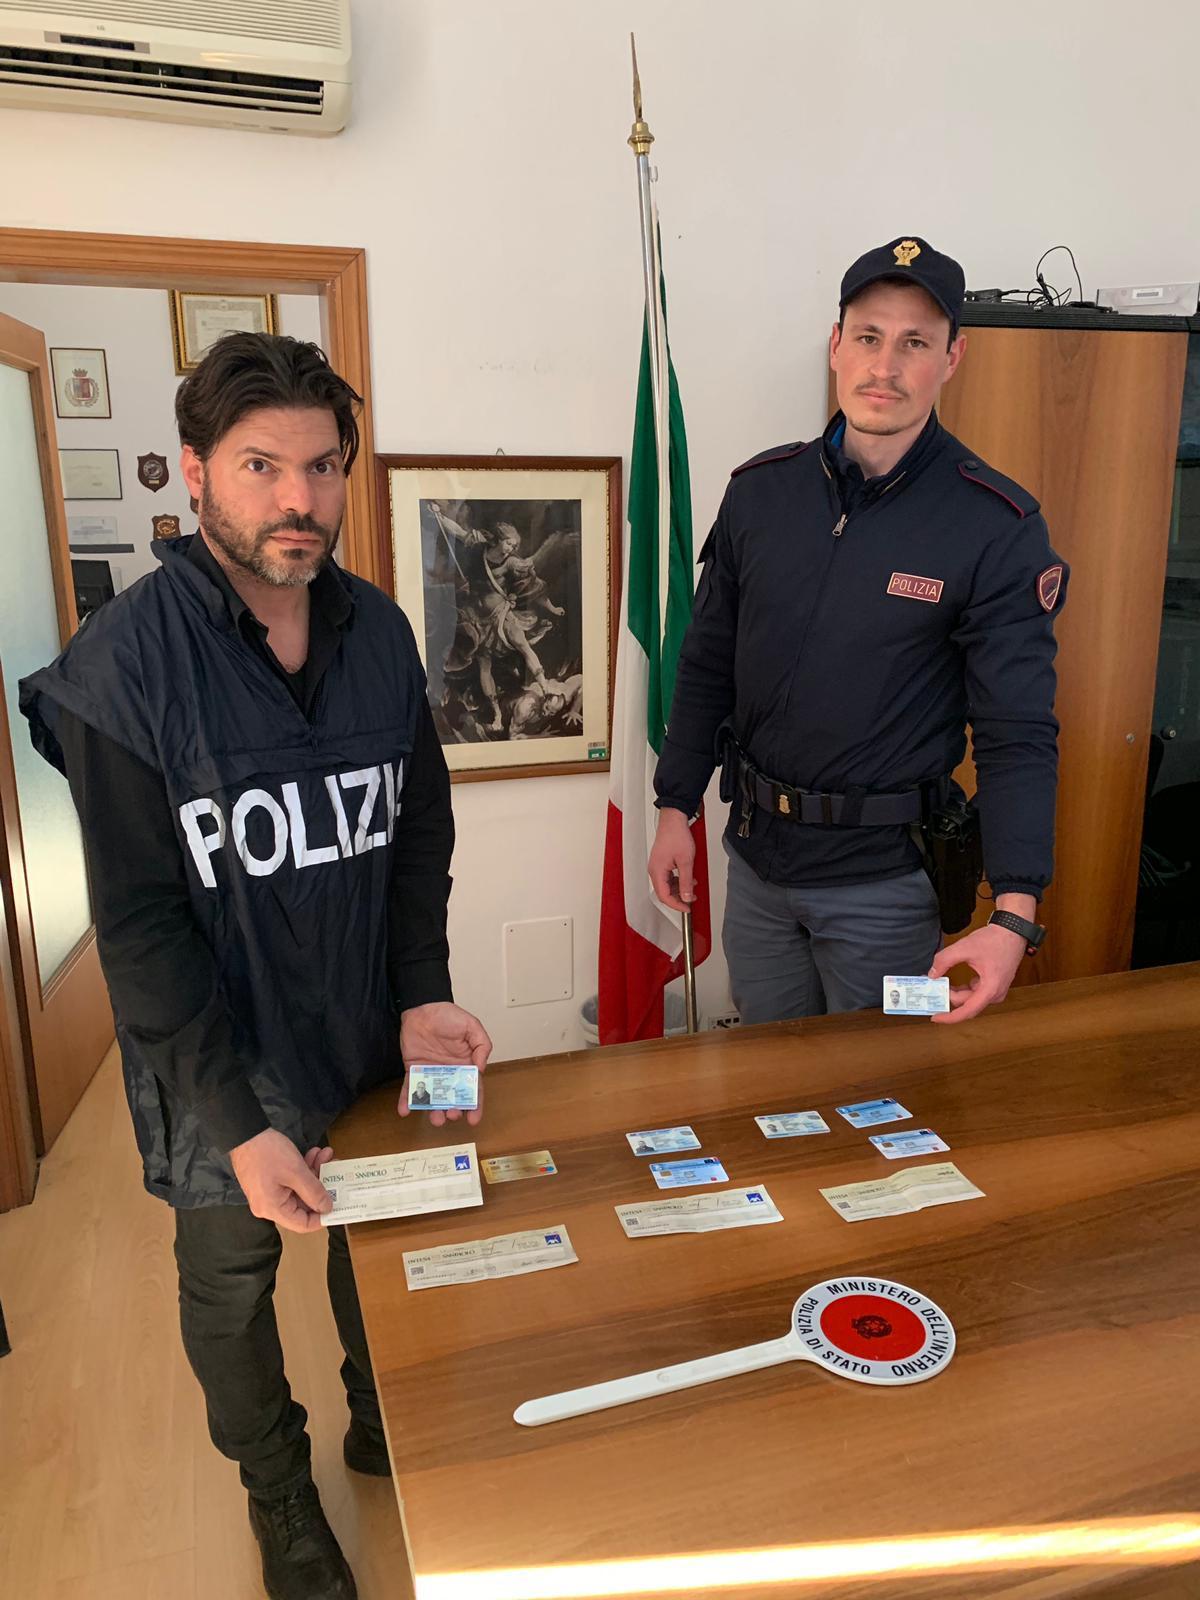 Truffe con documenti falsi, la Polizia sgomina banda di malviventi casertani